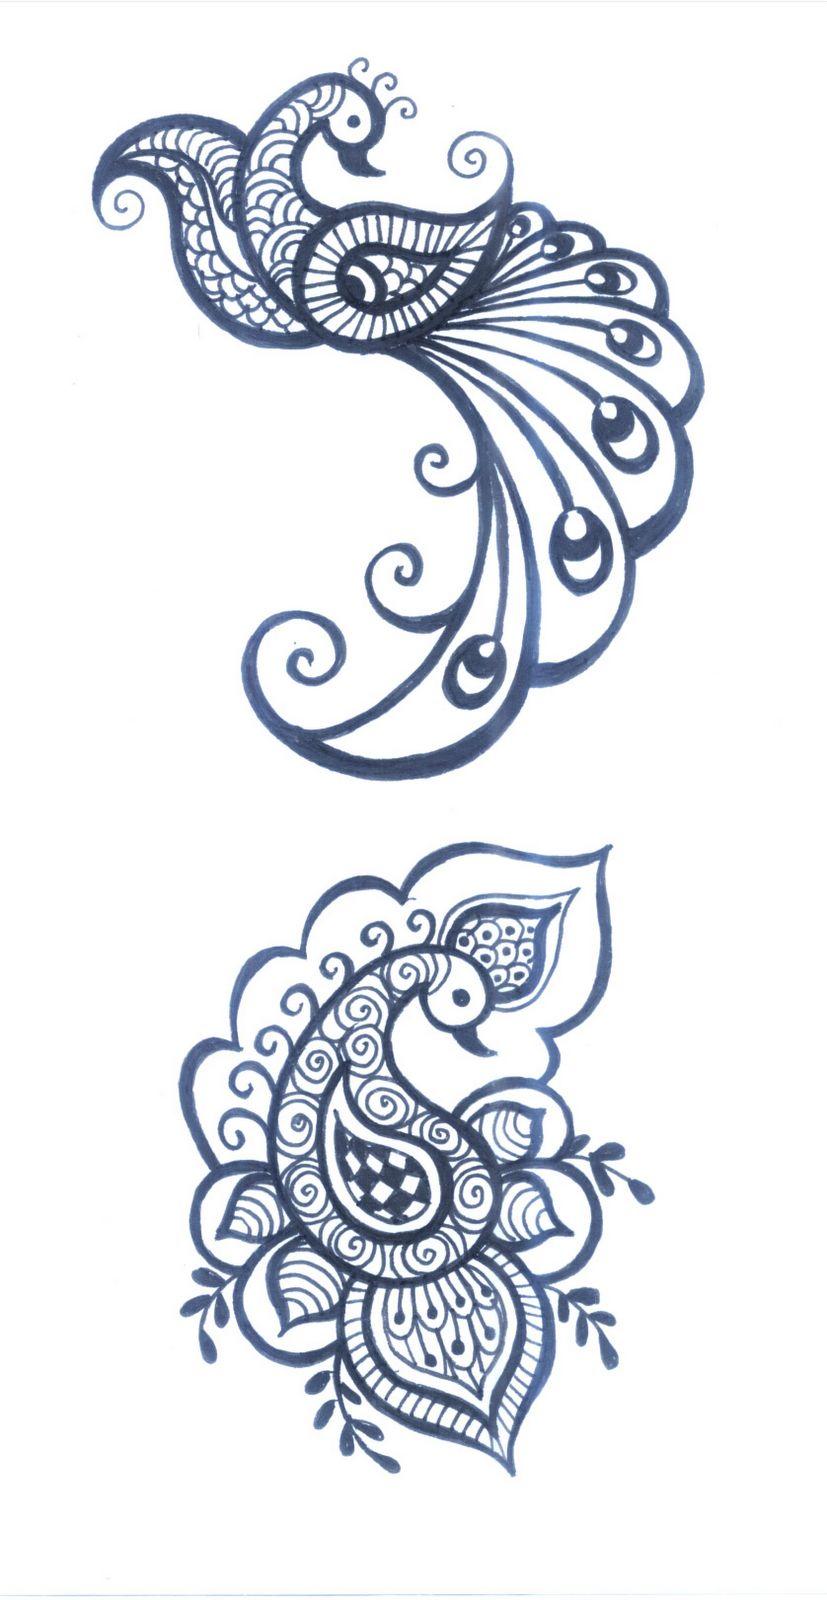 Peacock Design Henna Tattoo: Henna Tattoo Designs, Henna Designs, Henna